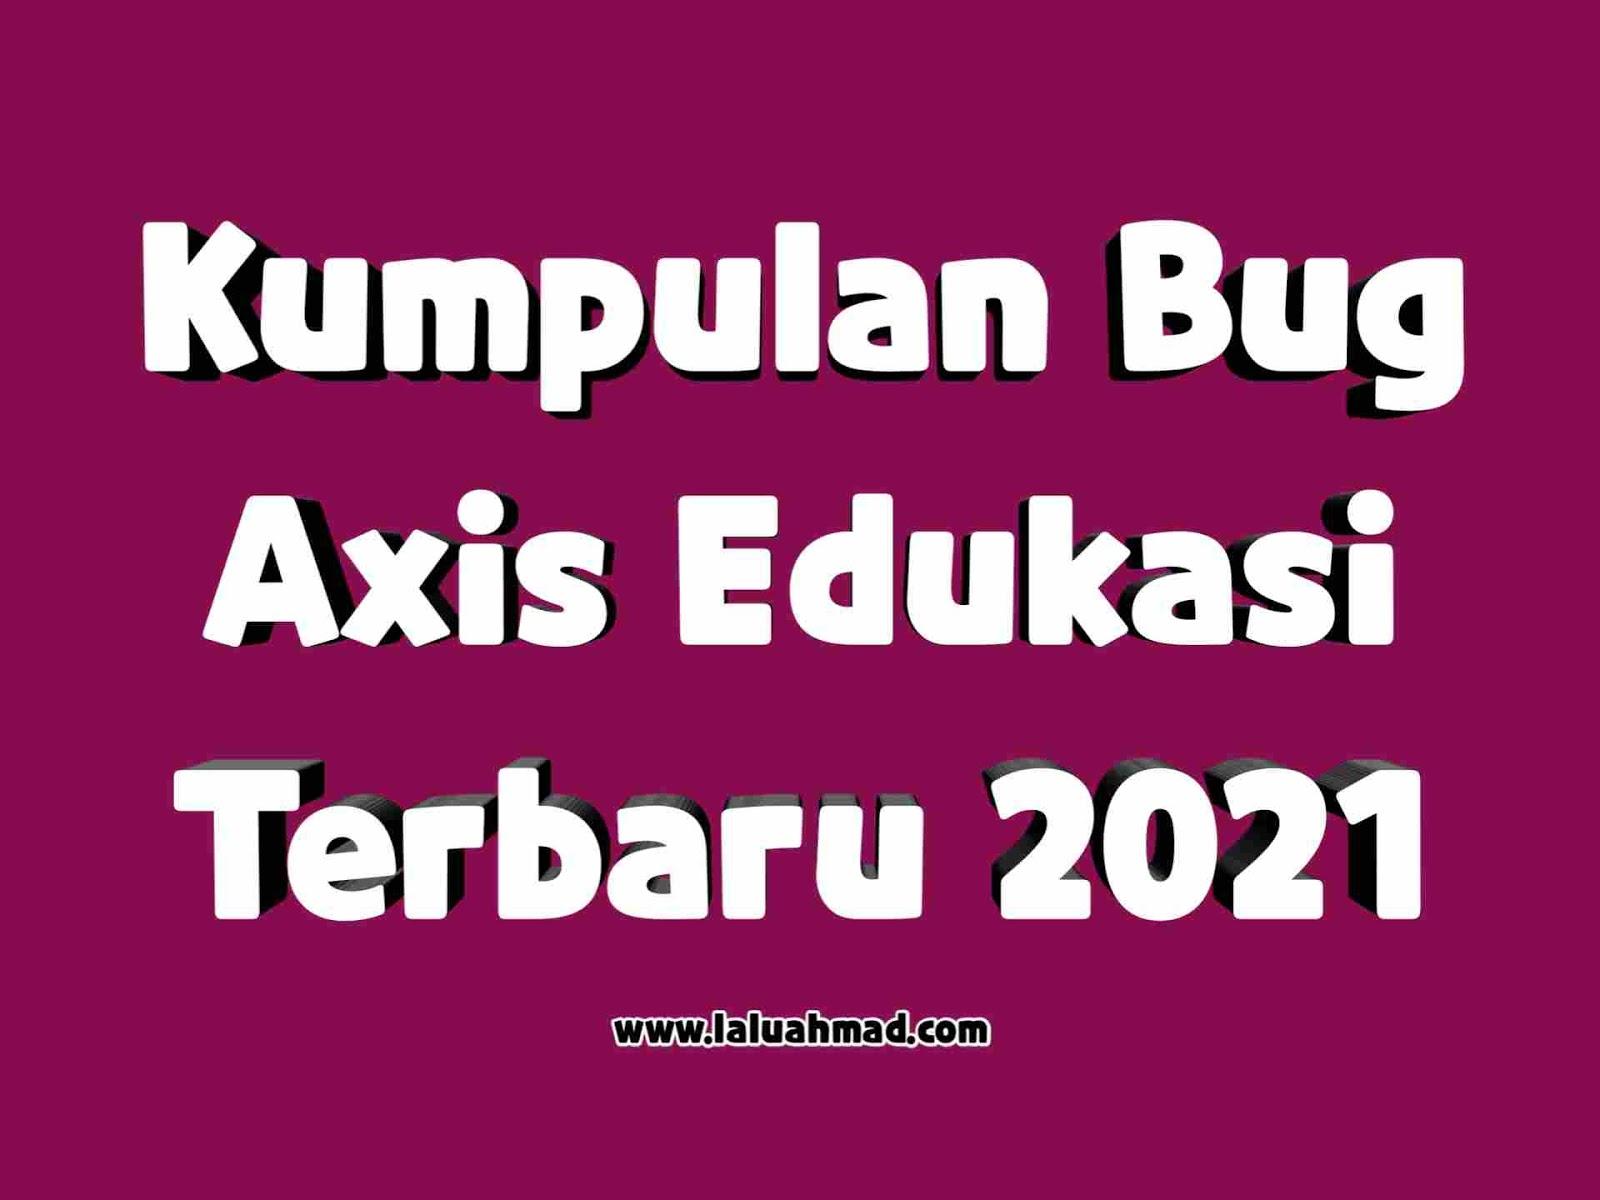 Kumpulan Bug Axis Edukasi Terbaru 2021